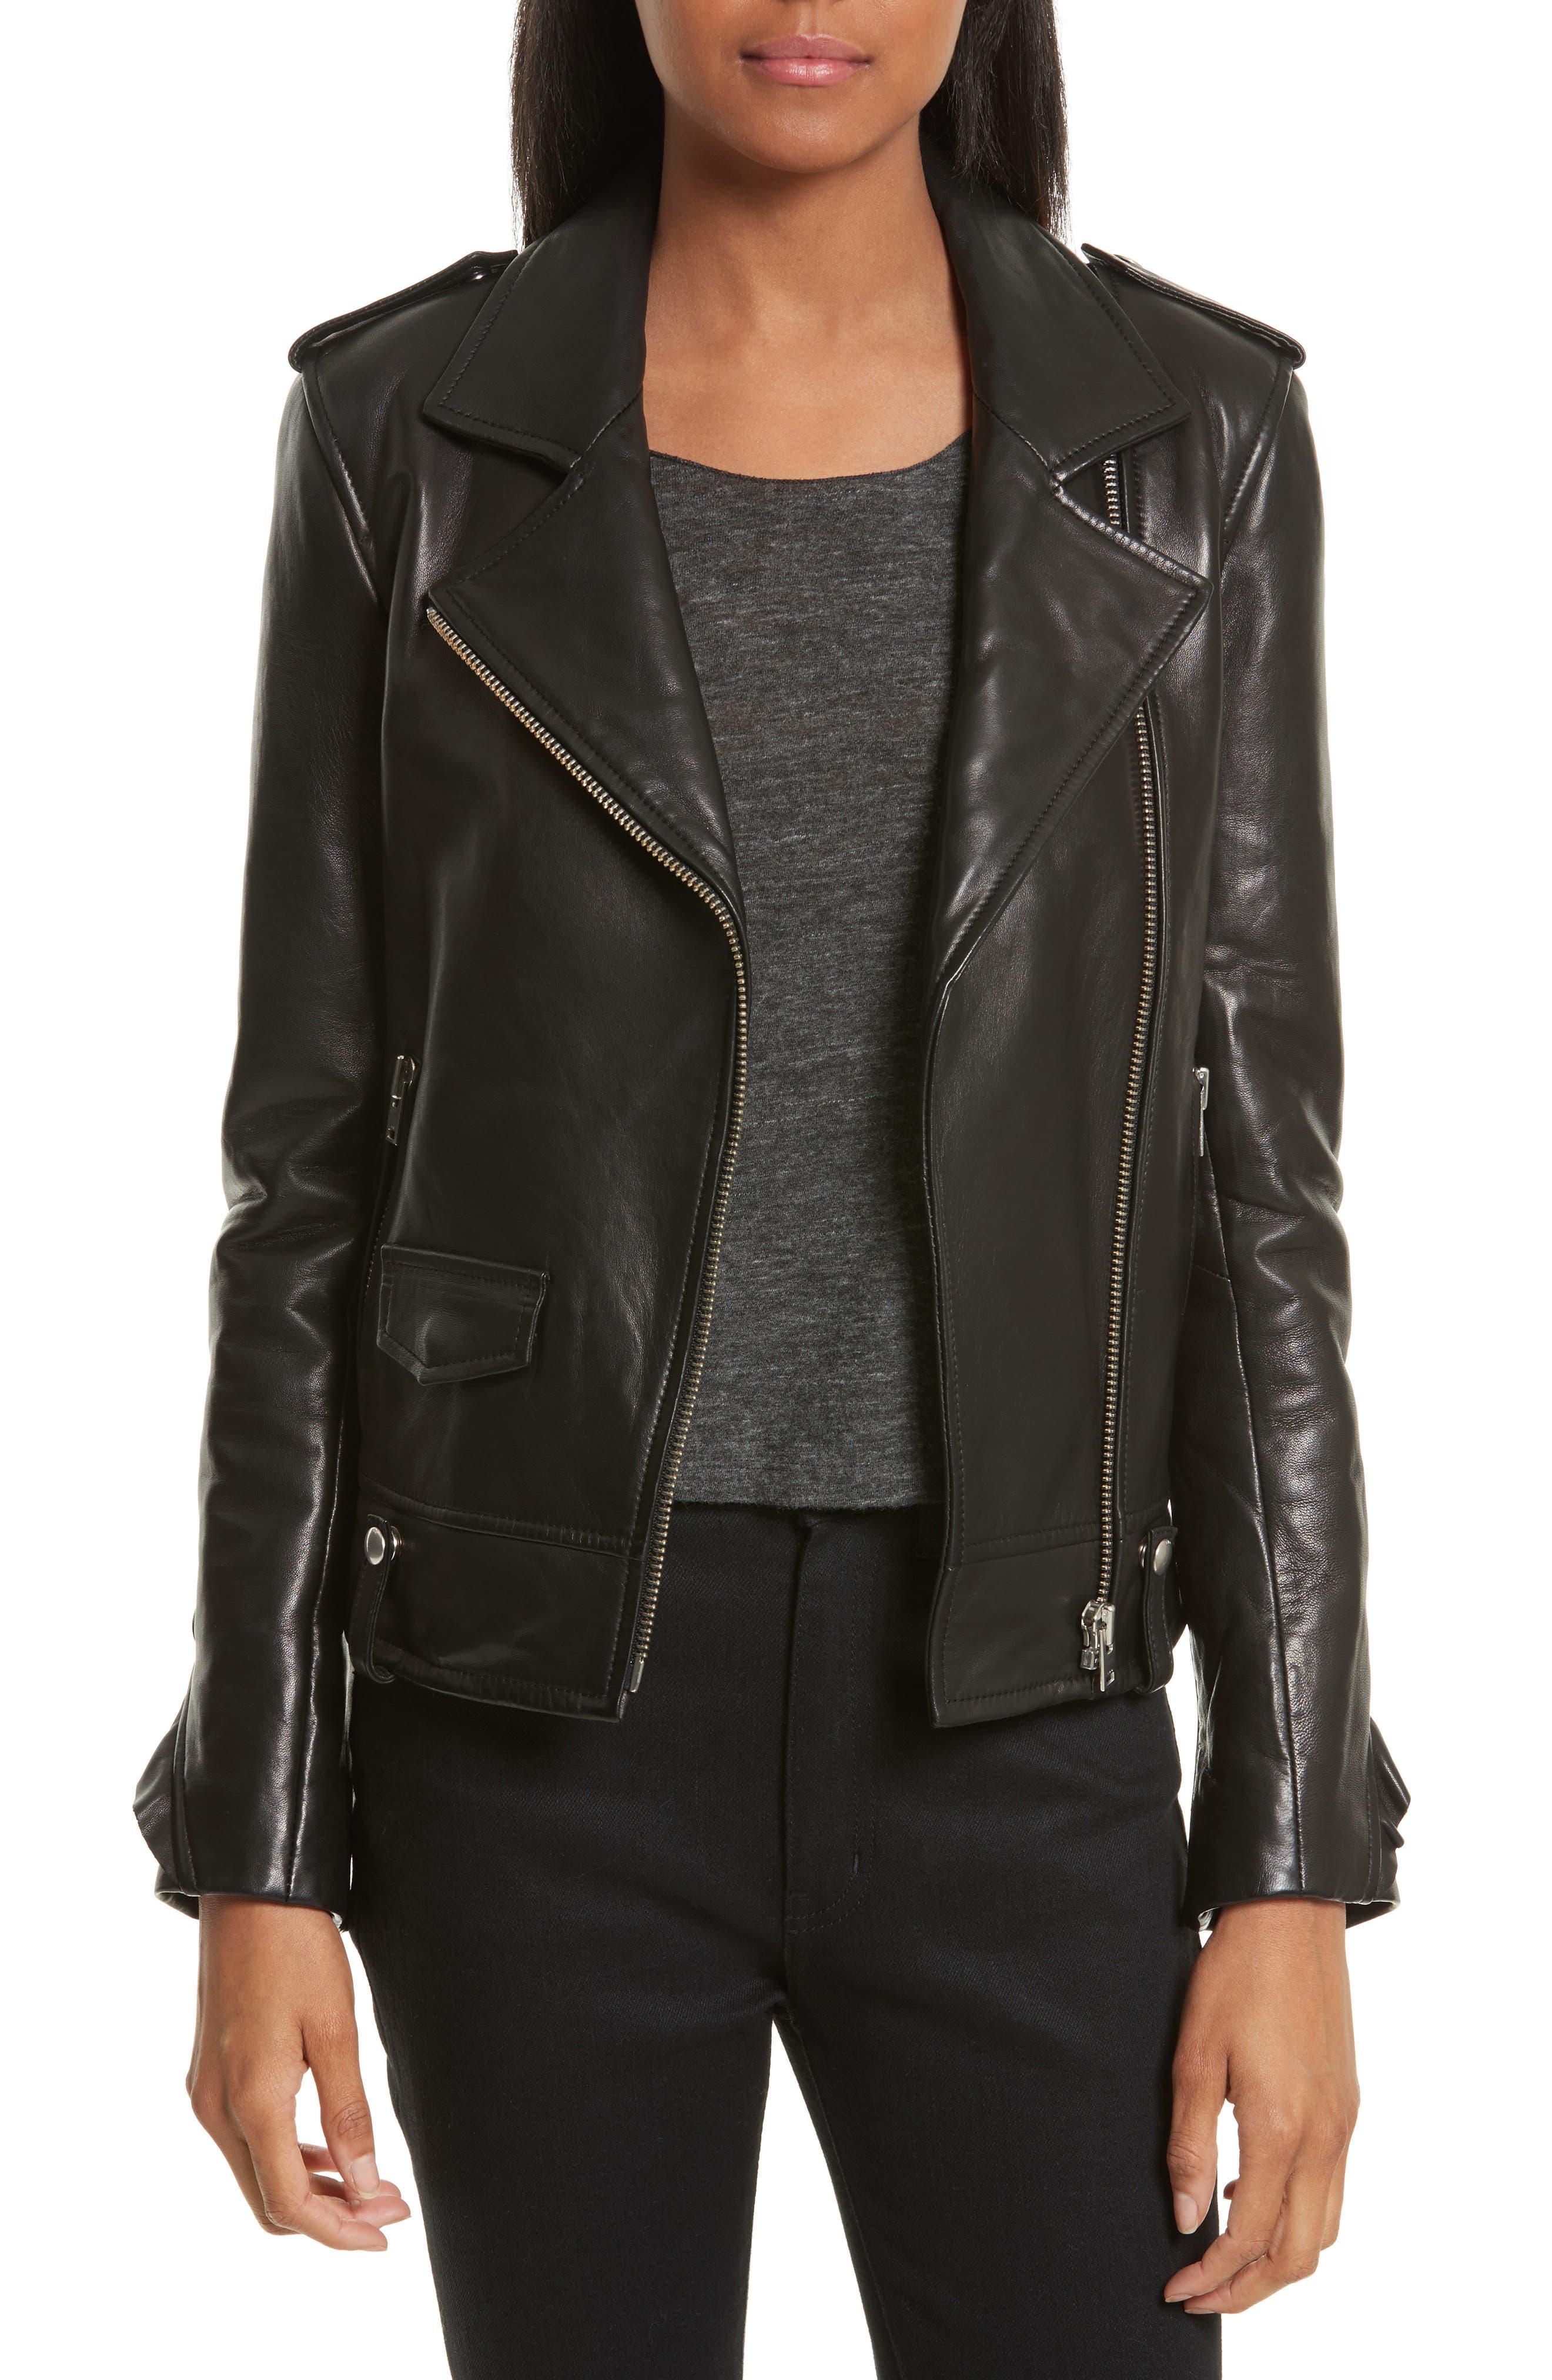 Dumont Leather Jacket,                             Main thumbnail 1, color,                             001